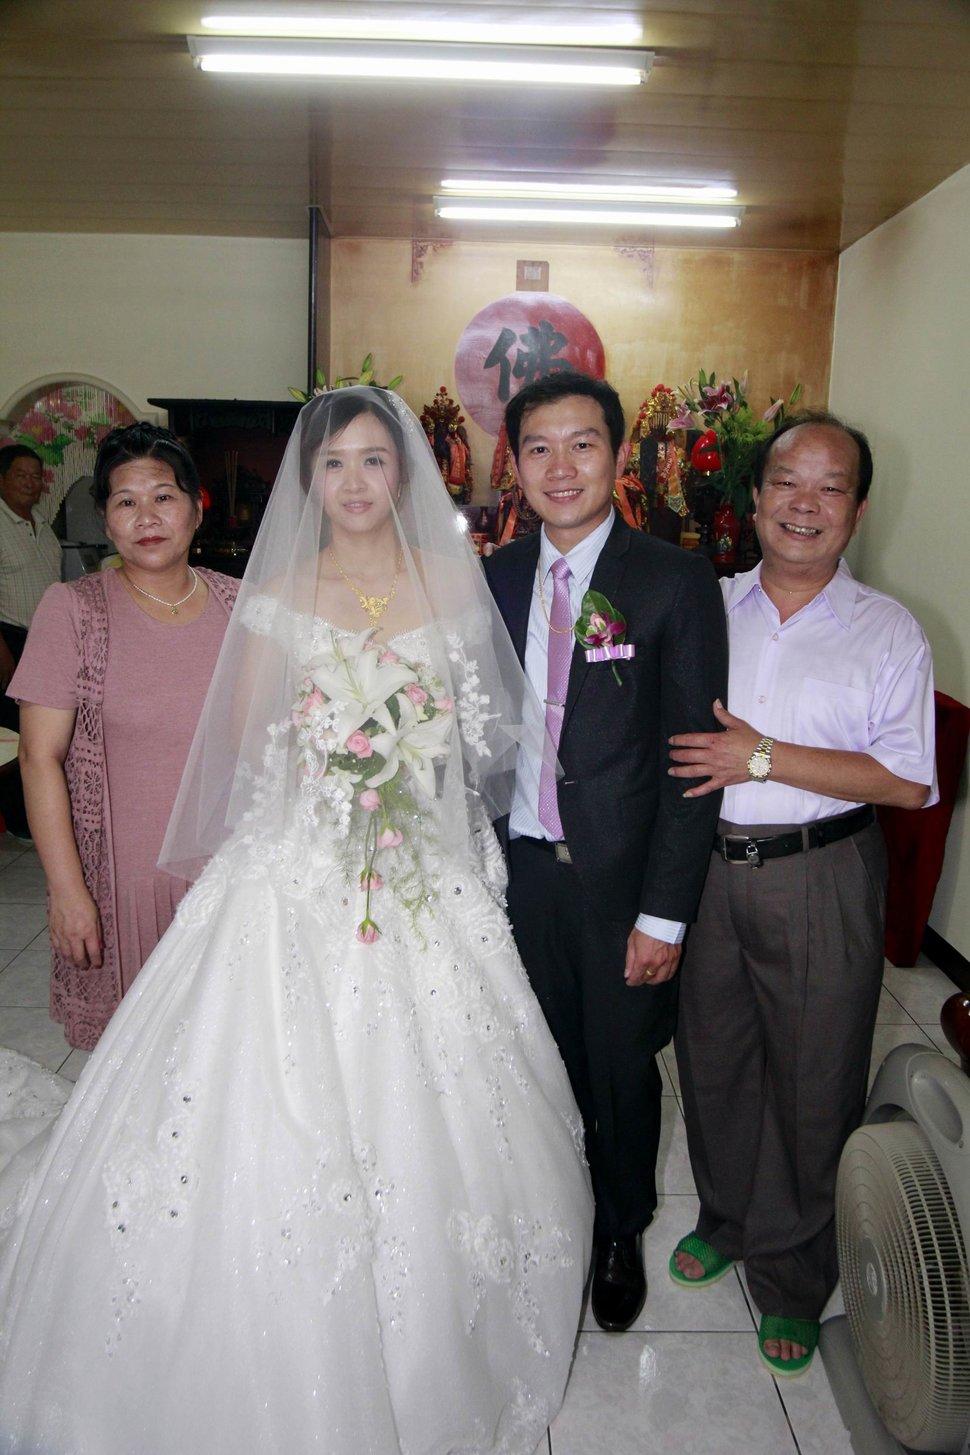 永和易牙居婚宴廣場宴會廳婚婚禮記錄結婚迎娶婚禮記錄動態微電影錄影專業錄影平面攝影婚攝婚禮(編號:213048) - 蜜月拍照10800錄影12800攝影團隊 - 結婚吧